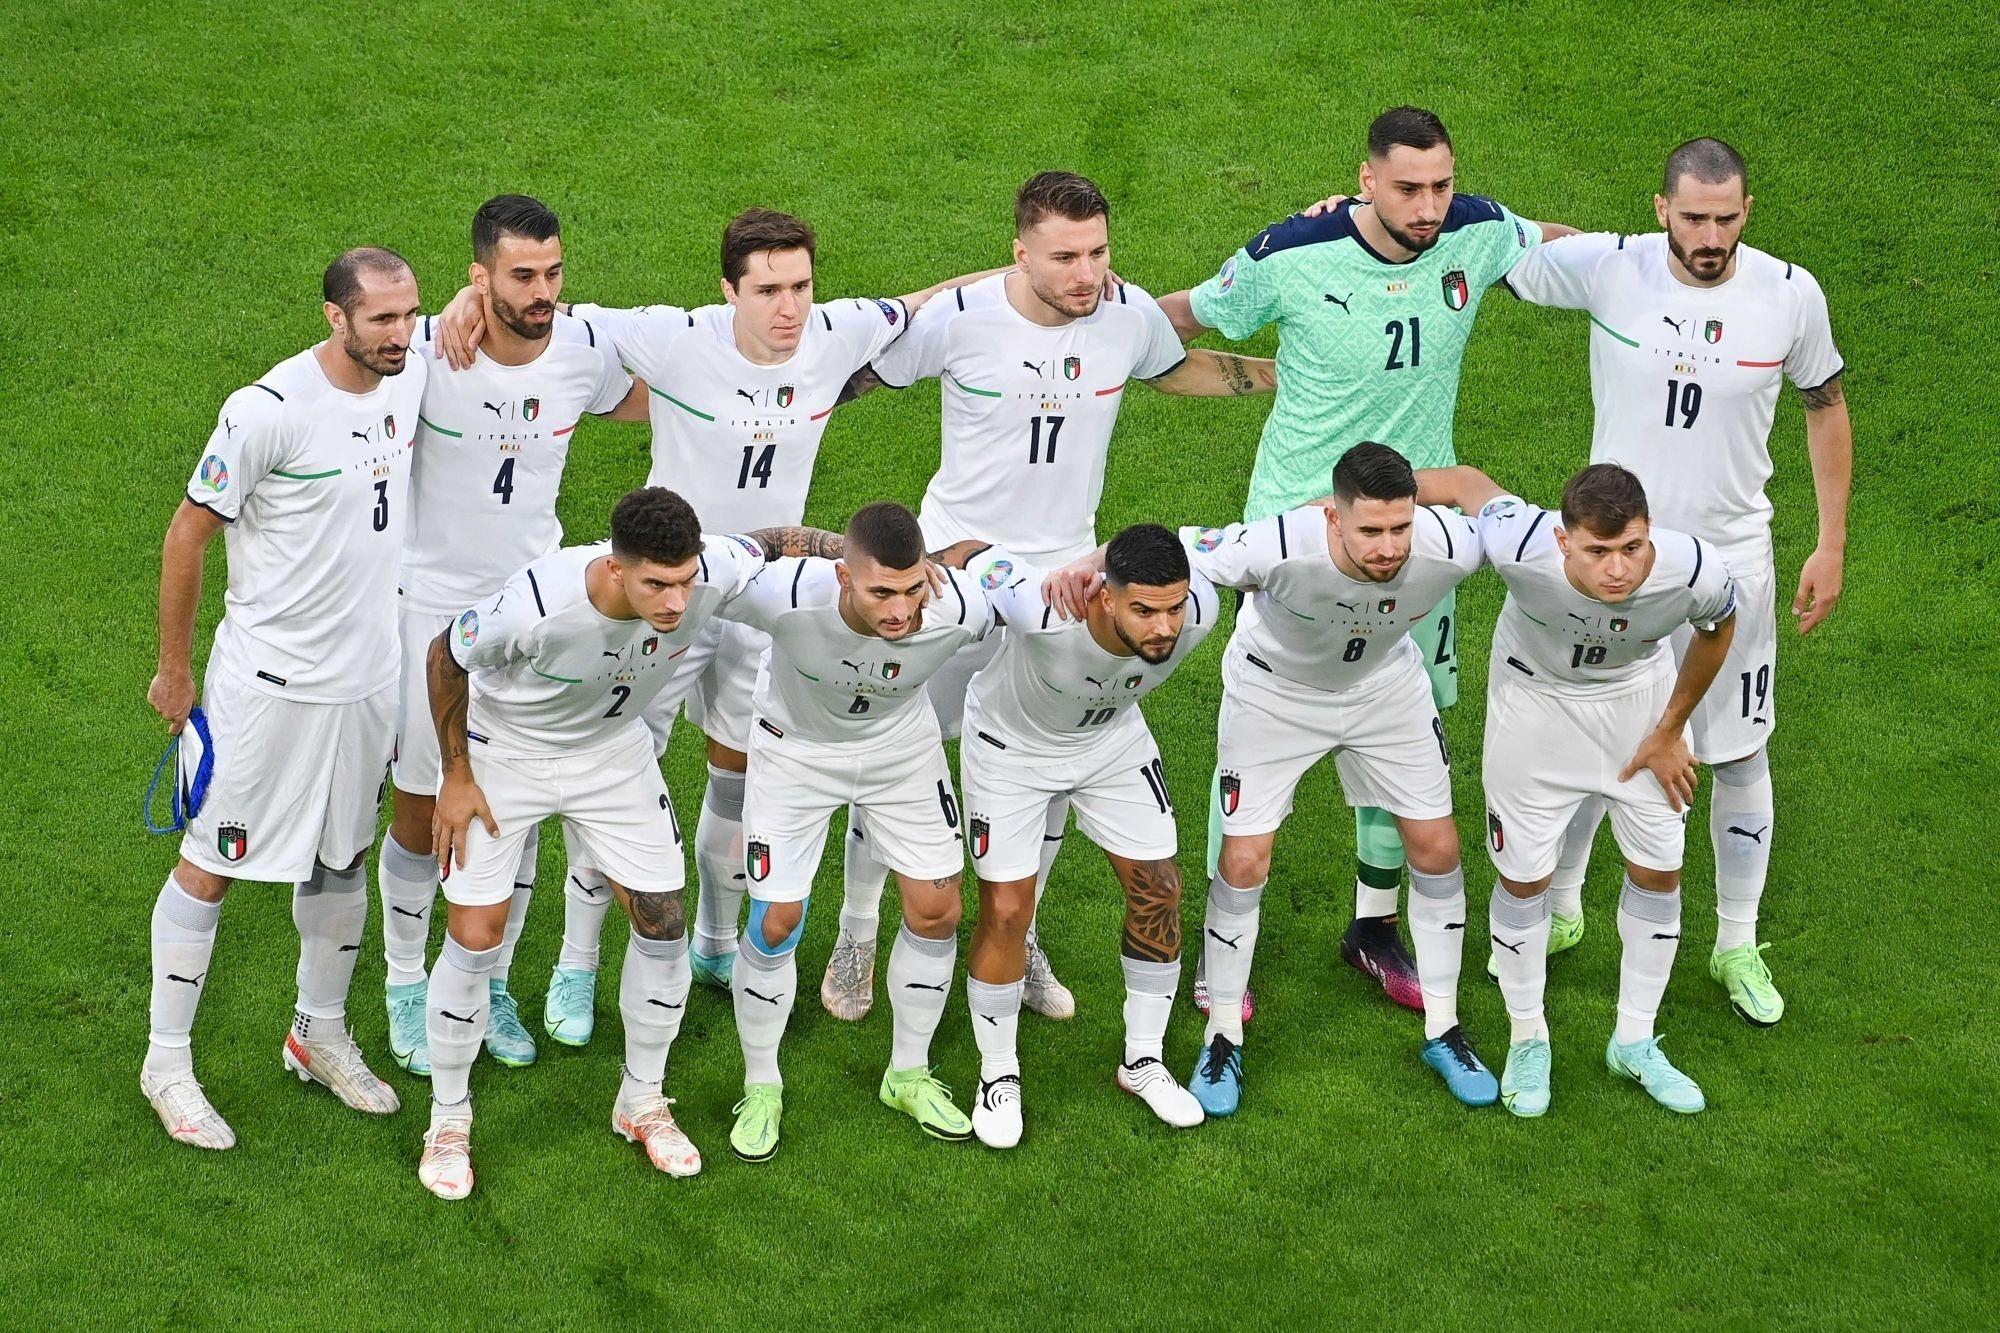 Italie/Espagne - Les équipes officielles : Donnarumma et Verratti titulaires